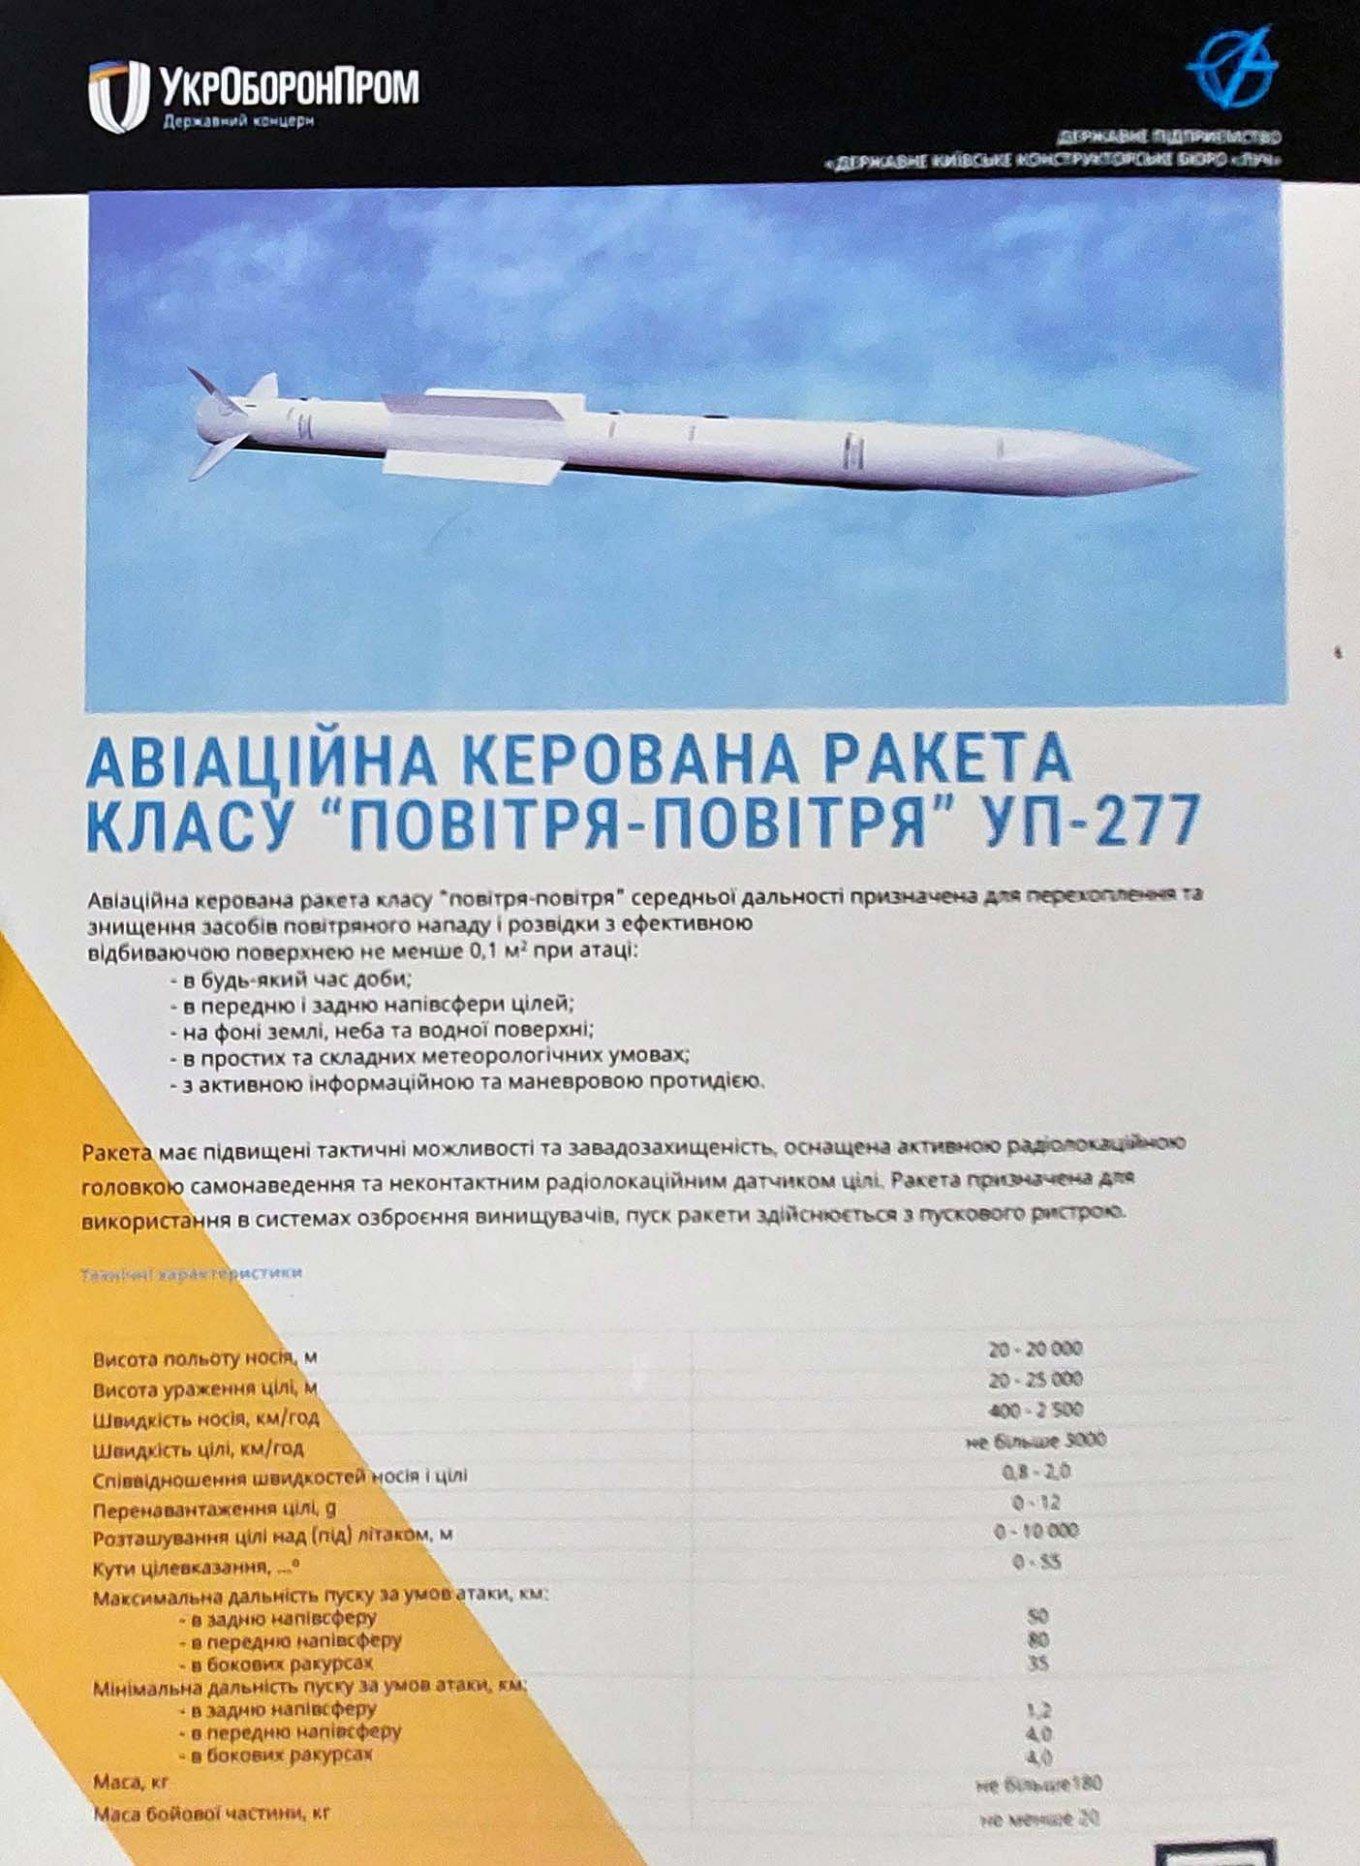 """КБ """"Луч"""" розробляє нове покоління авіаційних ракет малої та середньої дальності (фото)"""